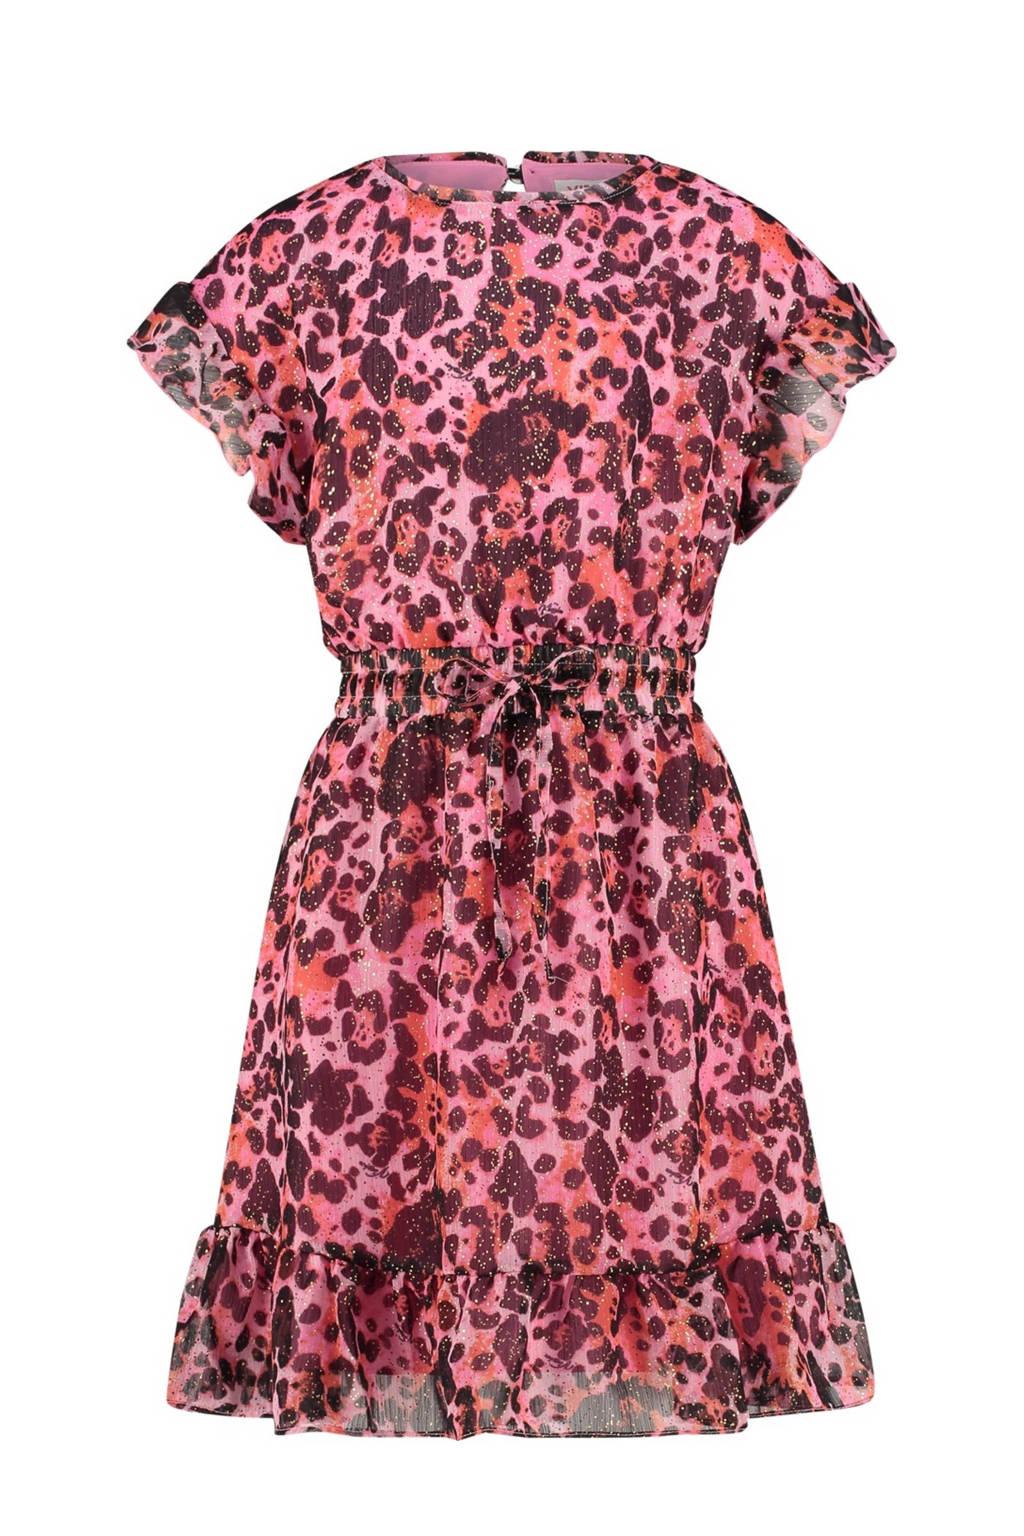 Vingino semi-transparante jurk Princie met all over print en glitters roze/paars, Roze/paars